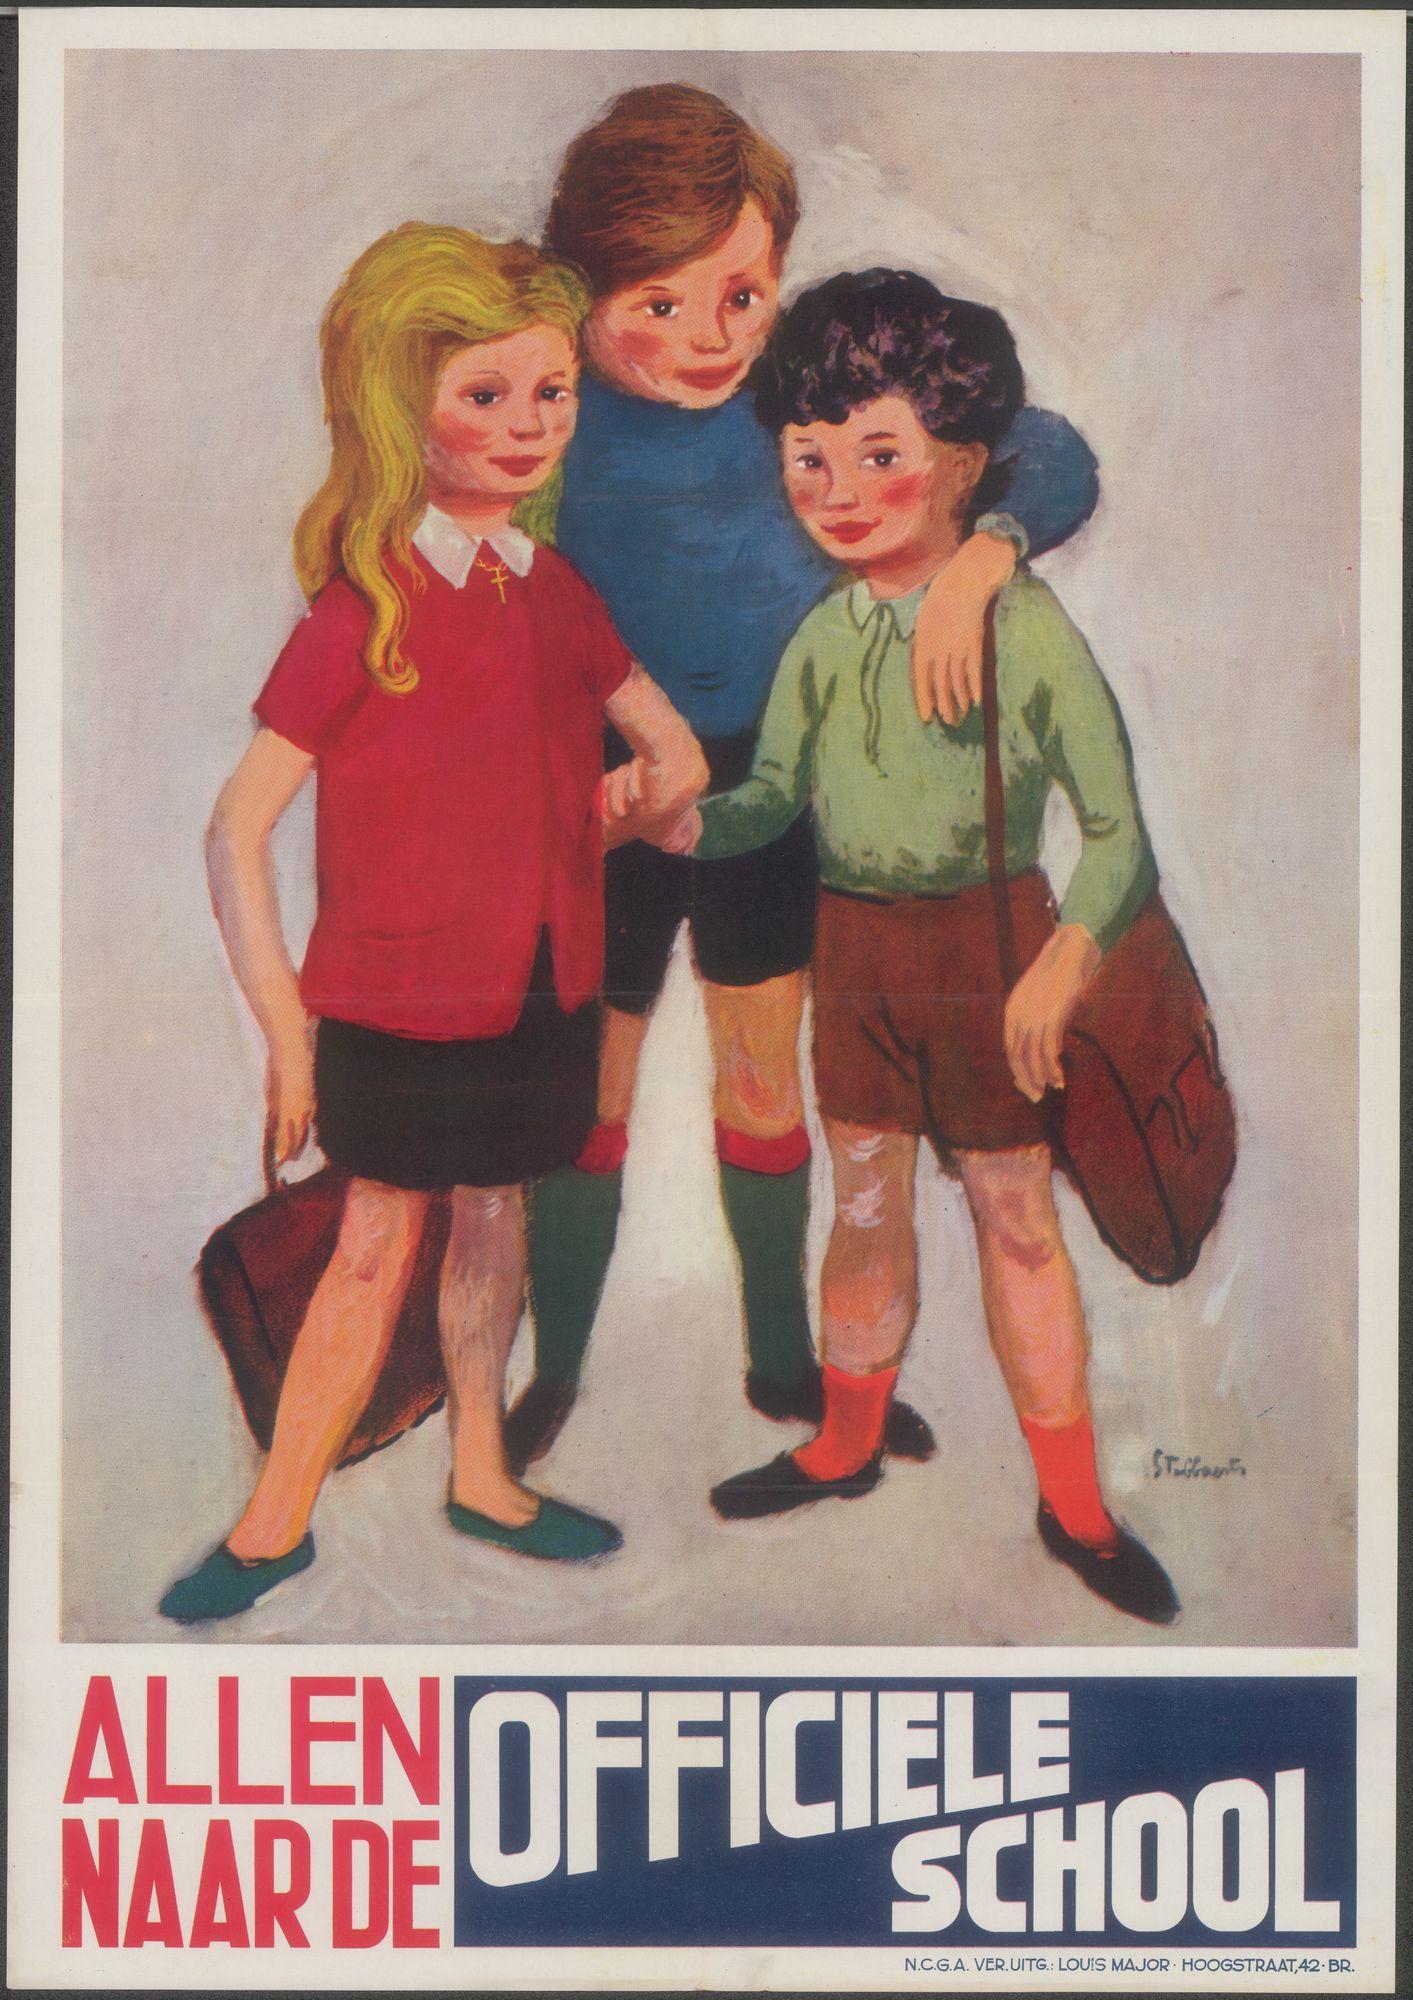 Allen naar de Officiële school, 1955